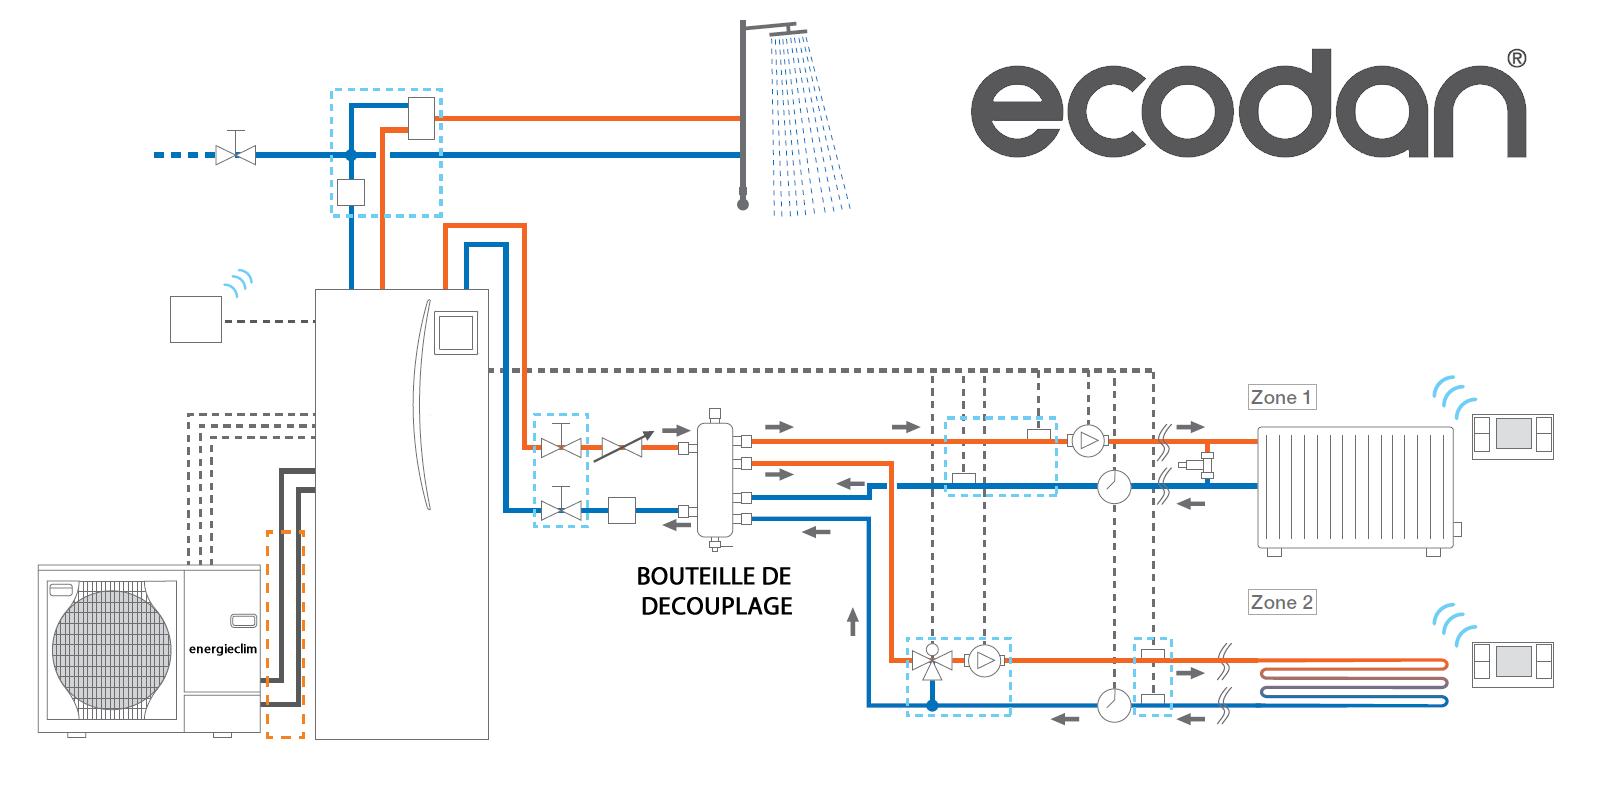 Pompe chaleur mitsubishi ecodan hydrobox duo isolation for Dimensionnement pac air eau